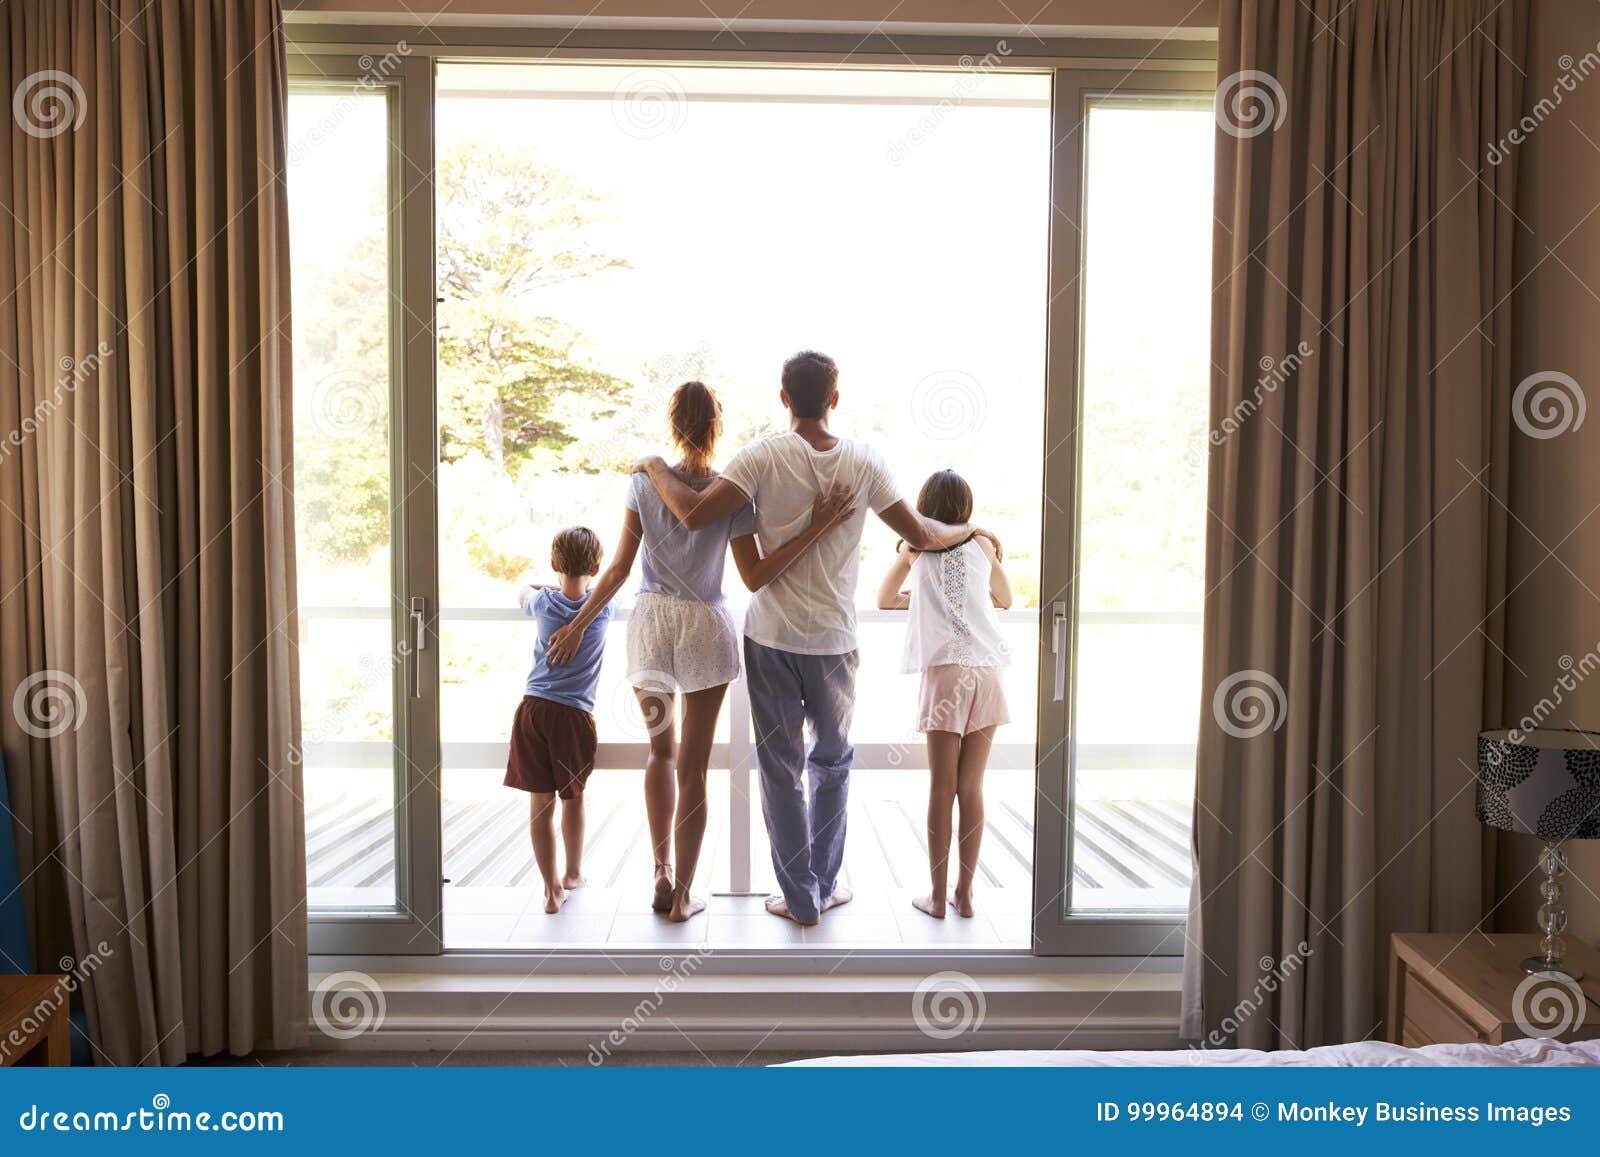 Vista posterior de la familia en el balcón que mira hacia fuera en nuevo día